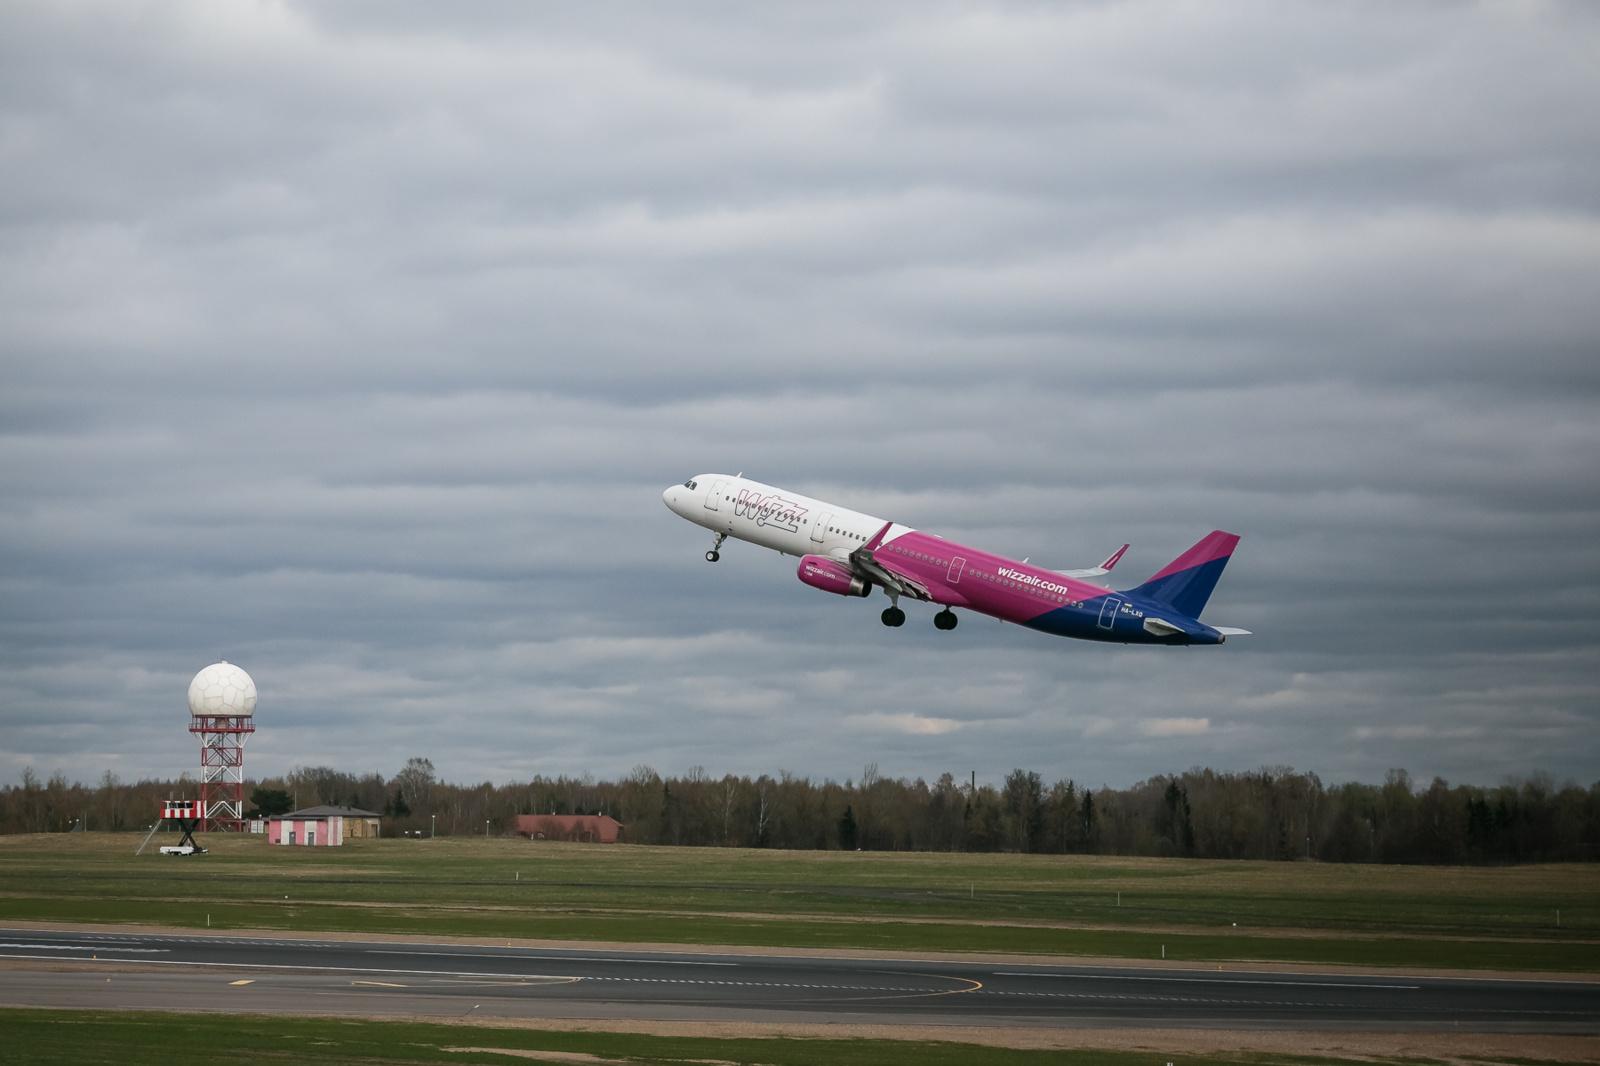 Šalies oro uostai atgauna tempą: keleivių ir skrydžių skaičiai sparčiai šoktelėjo aukštyn